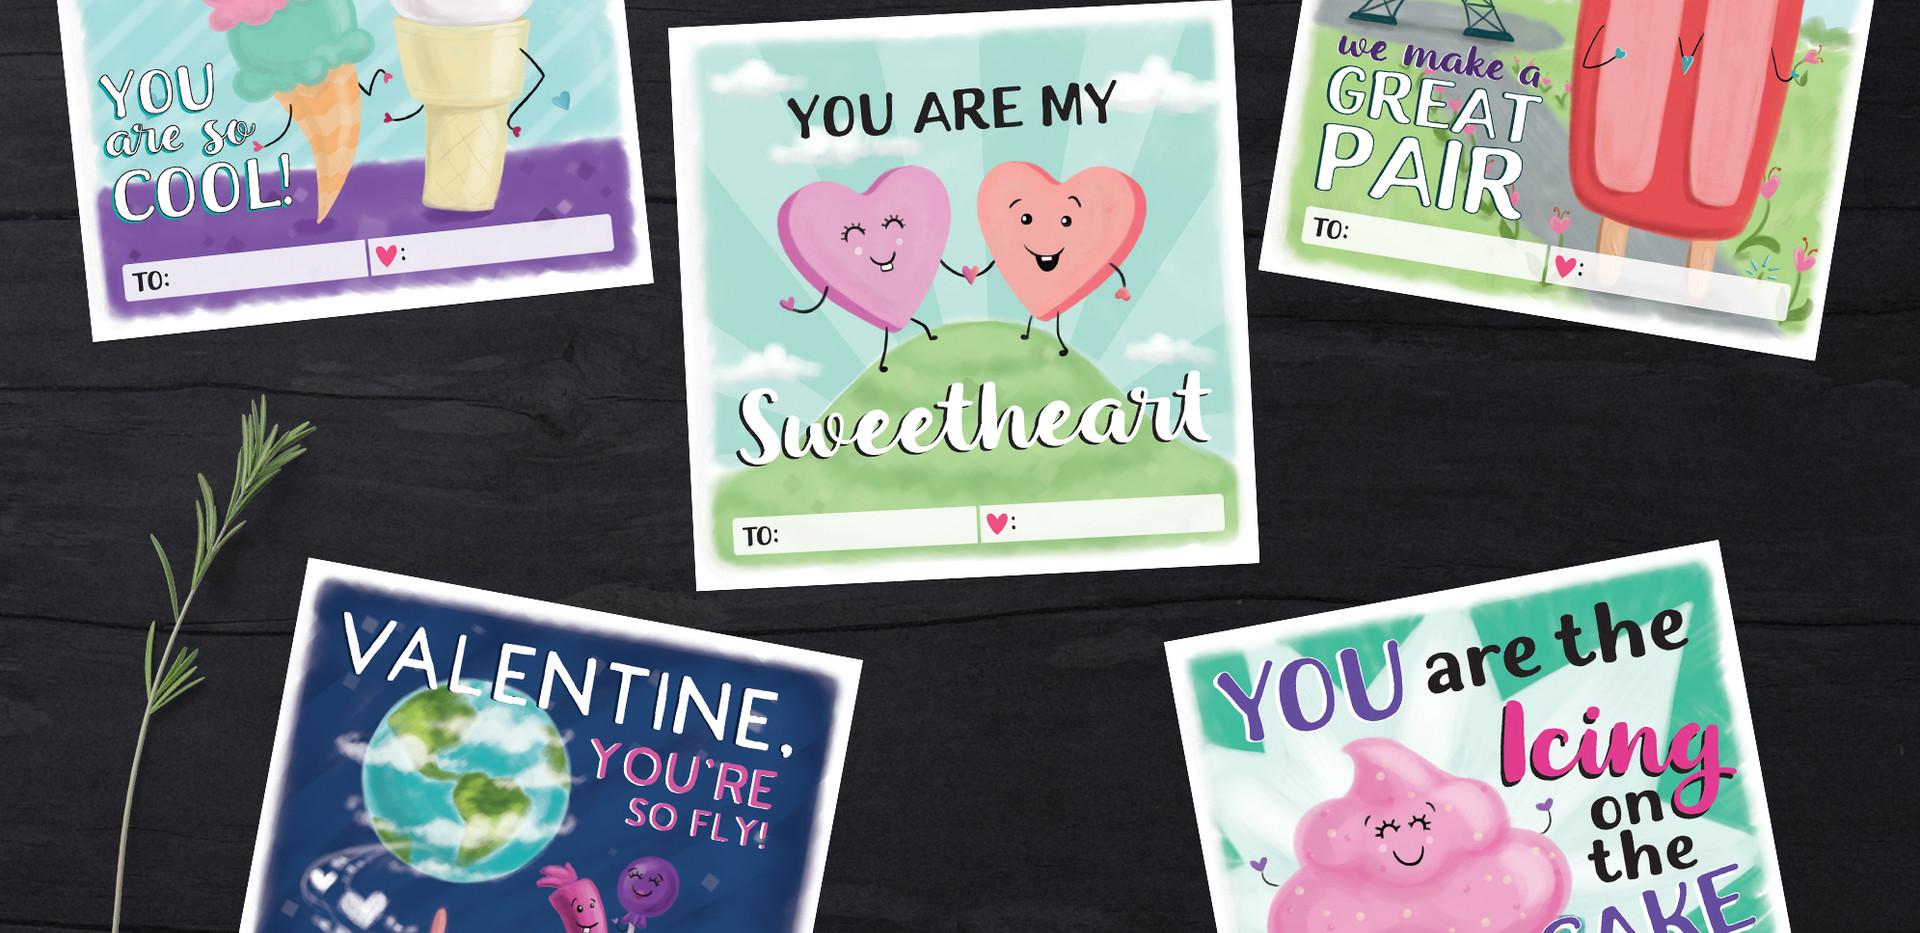 Sweet Treat Valentines